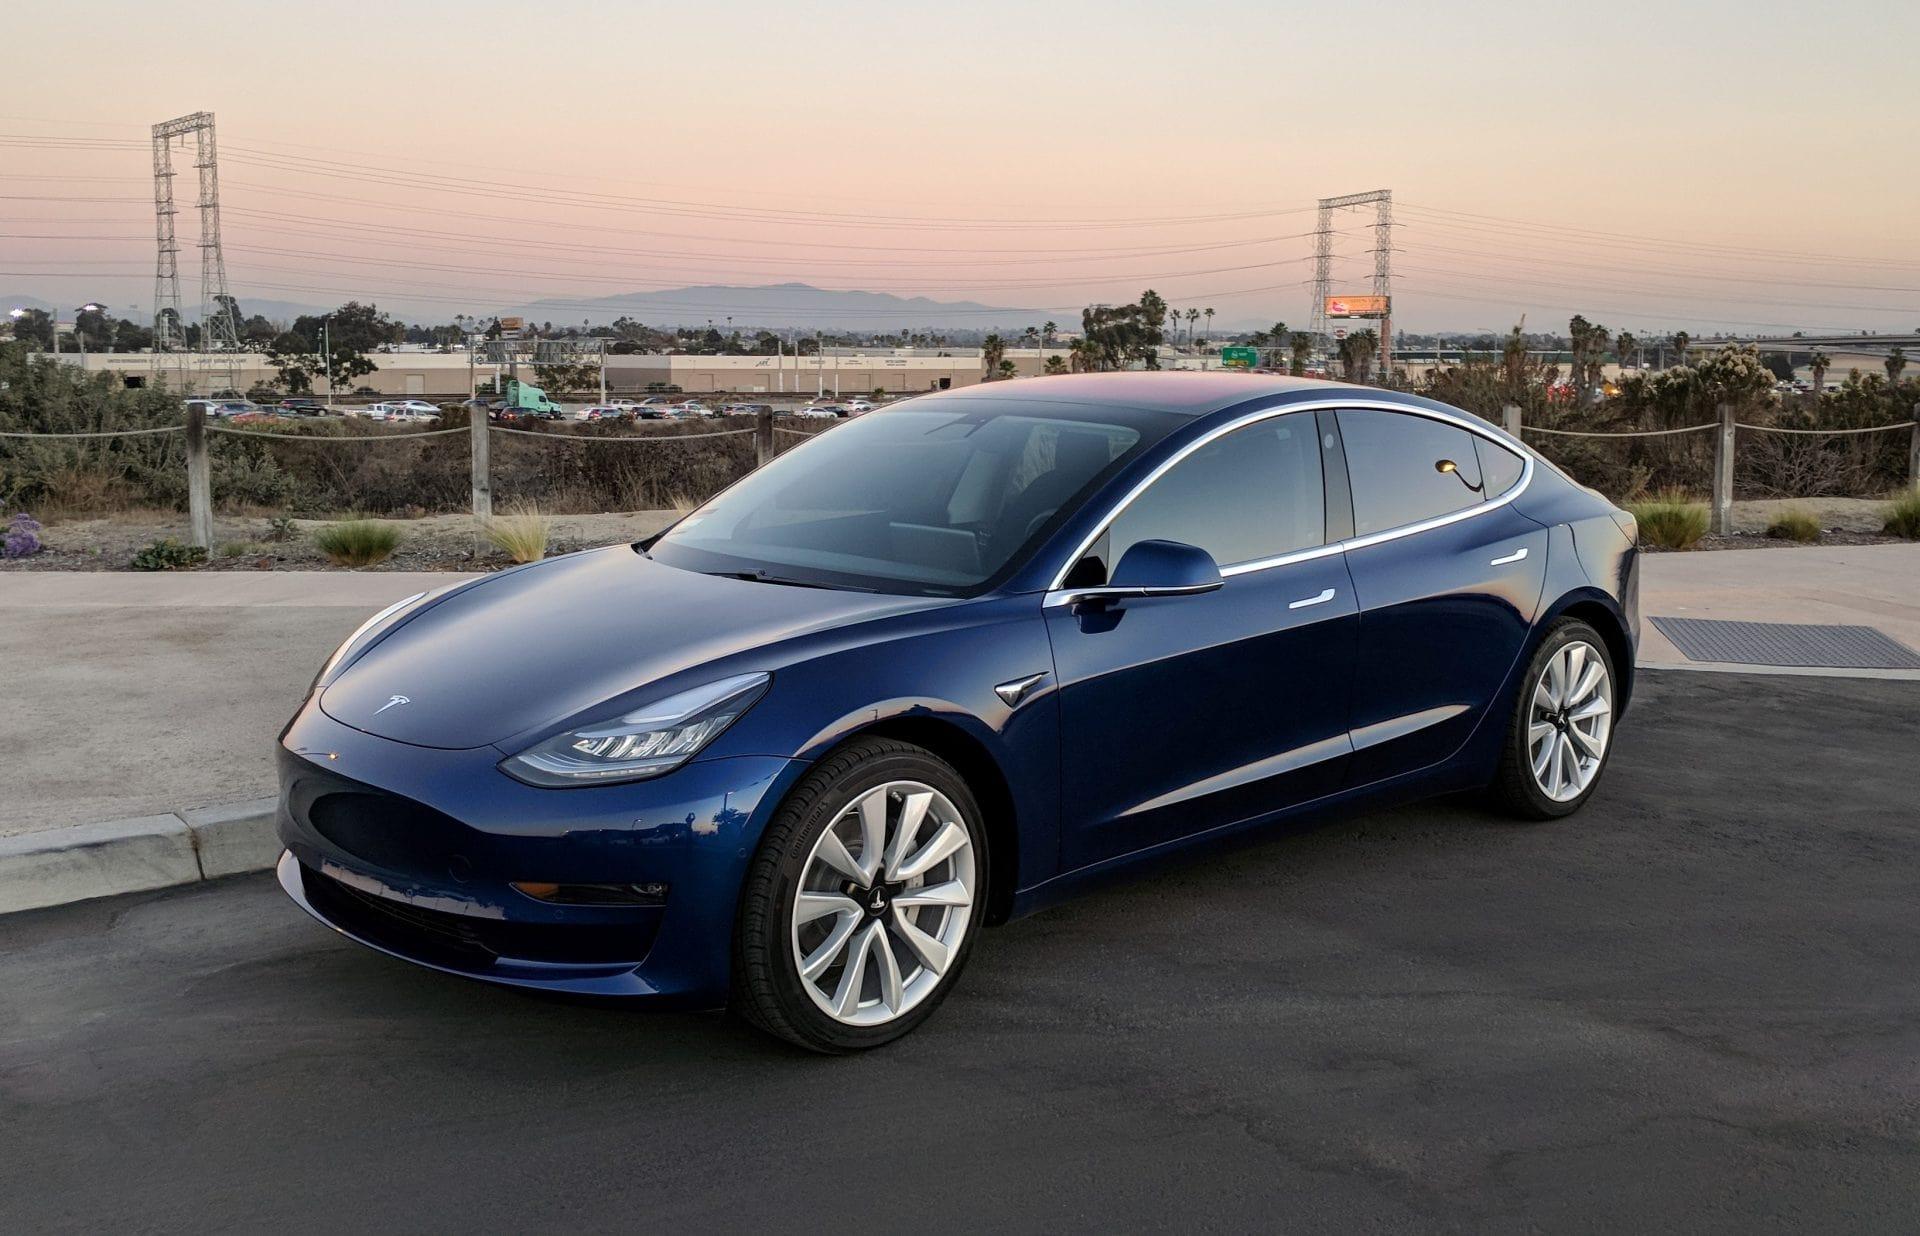 سيارات كهربية، طاقة نظيفة، نيسان، فولكس، مرسيدس، ببي ام دابليو، تسلا